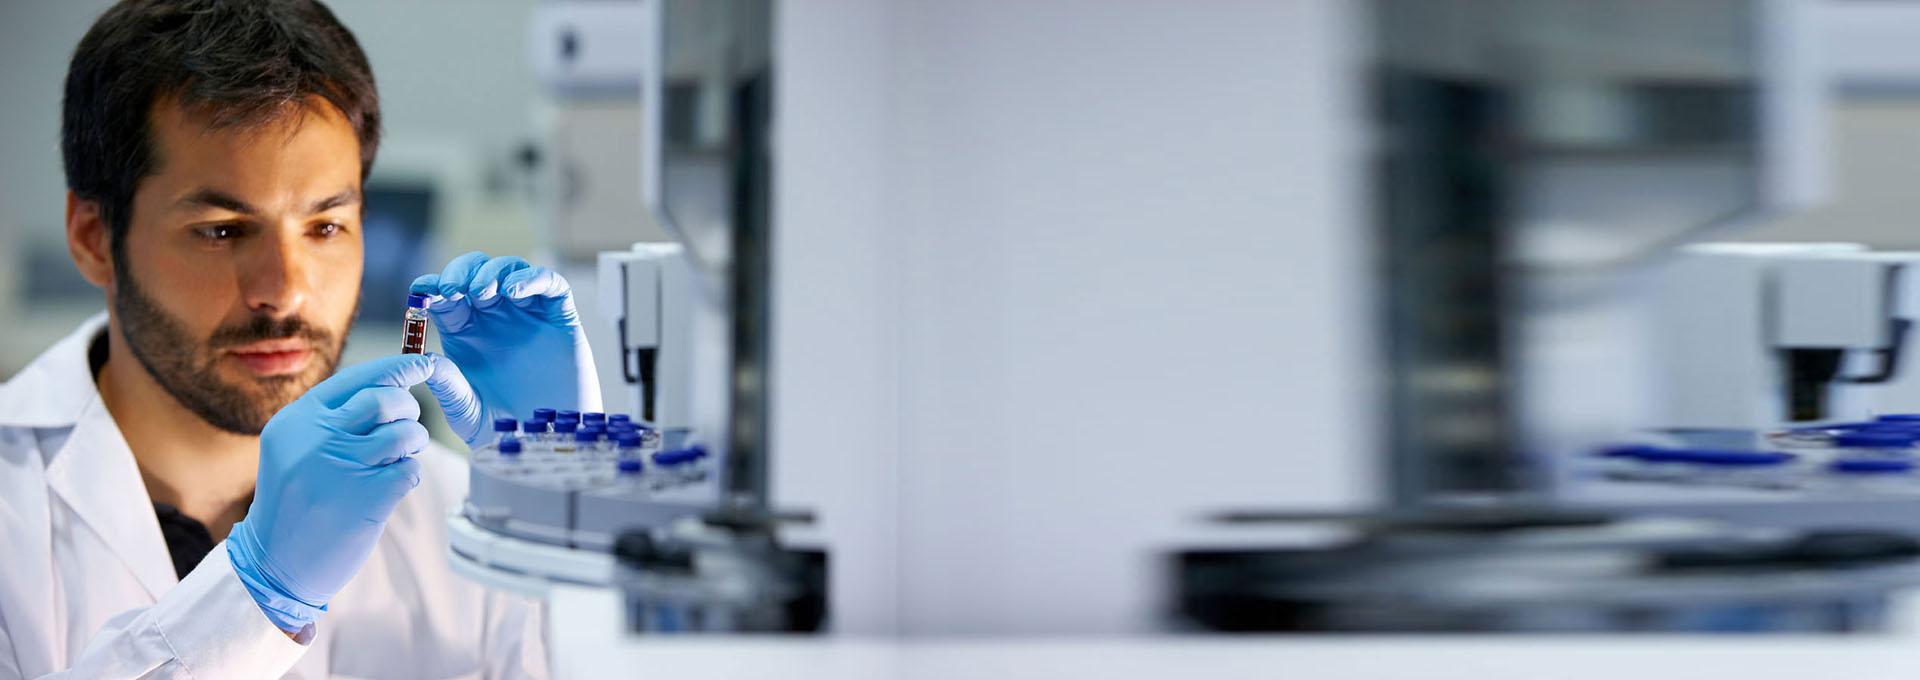 نرم افزار آزمایشگاه و تشخیص طبی (LIS)